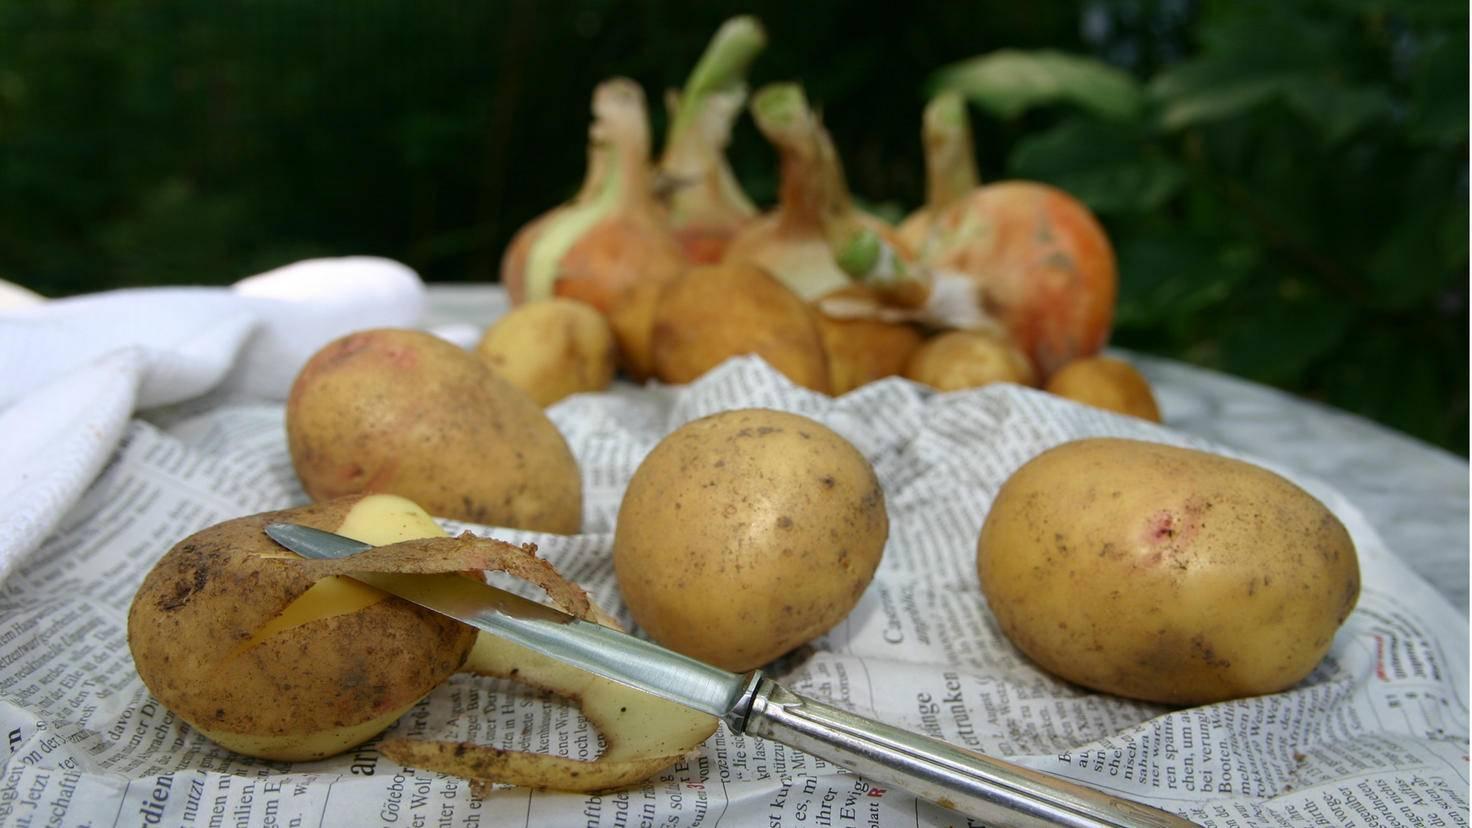 Besser als ihr Ruf: Kartoffeln sind nährstoffreich und kalorienarm.